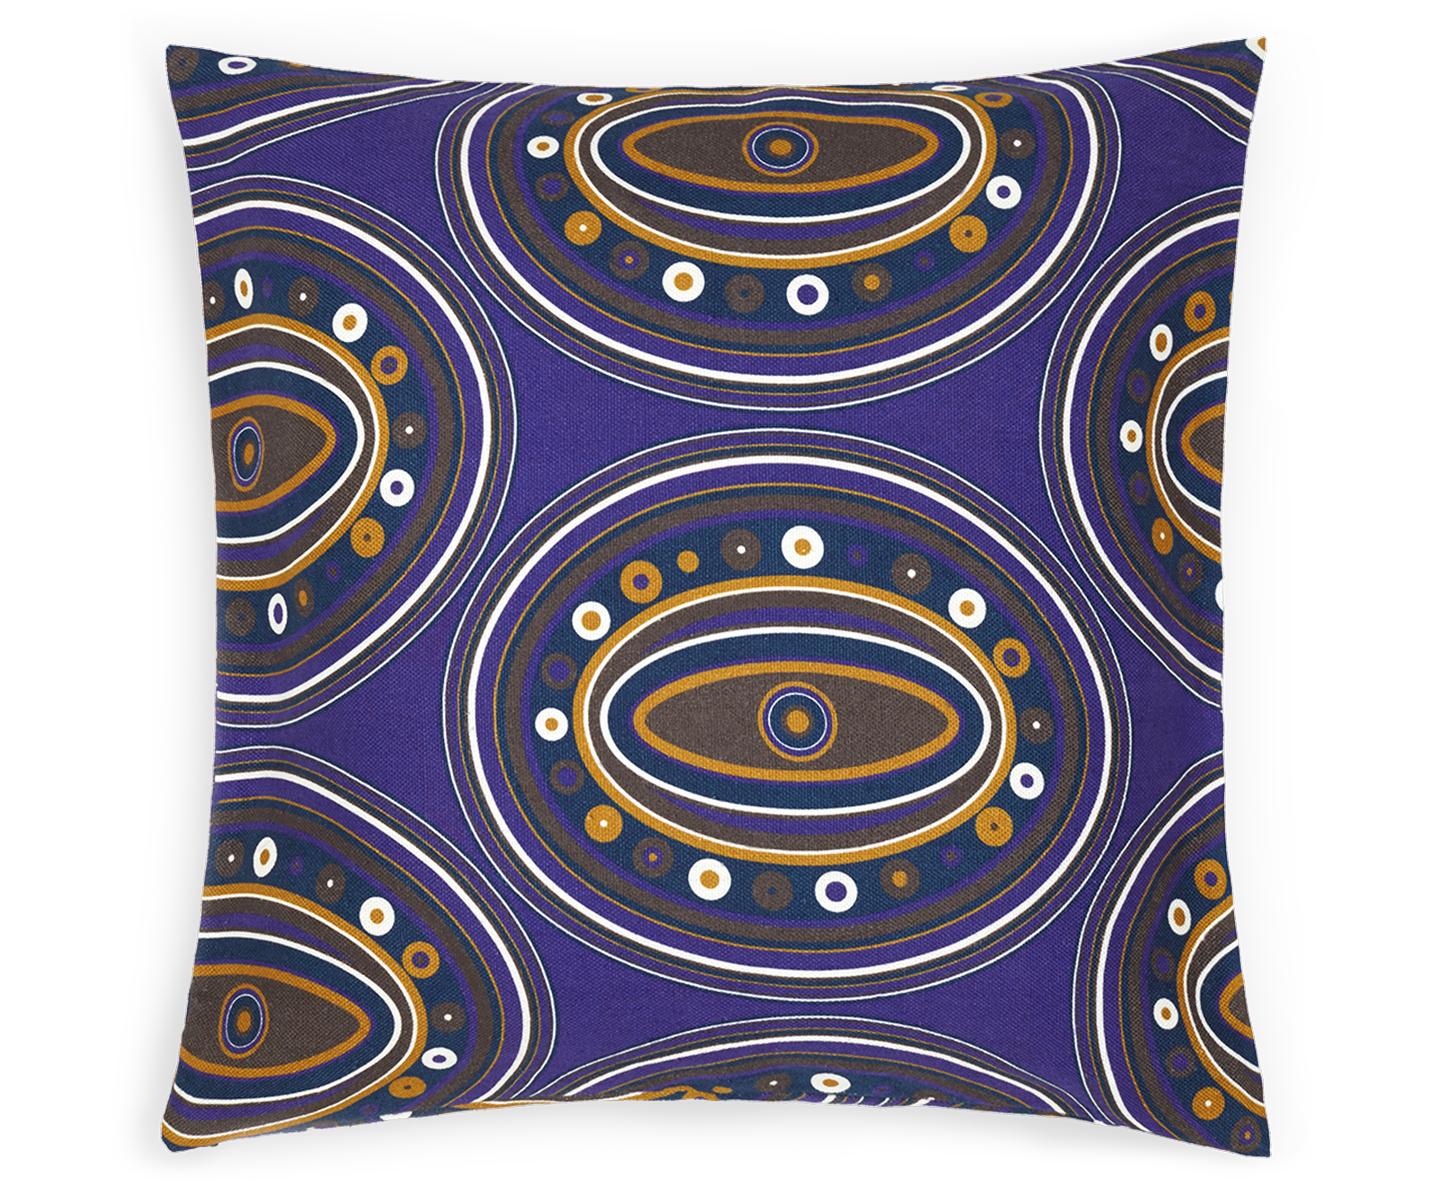 Prétorien pillow cover